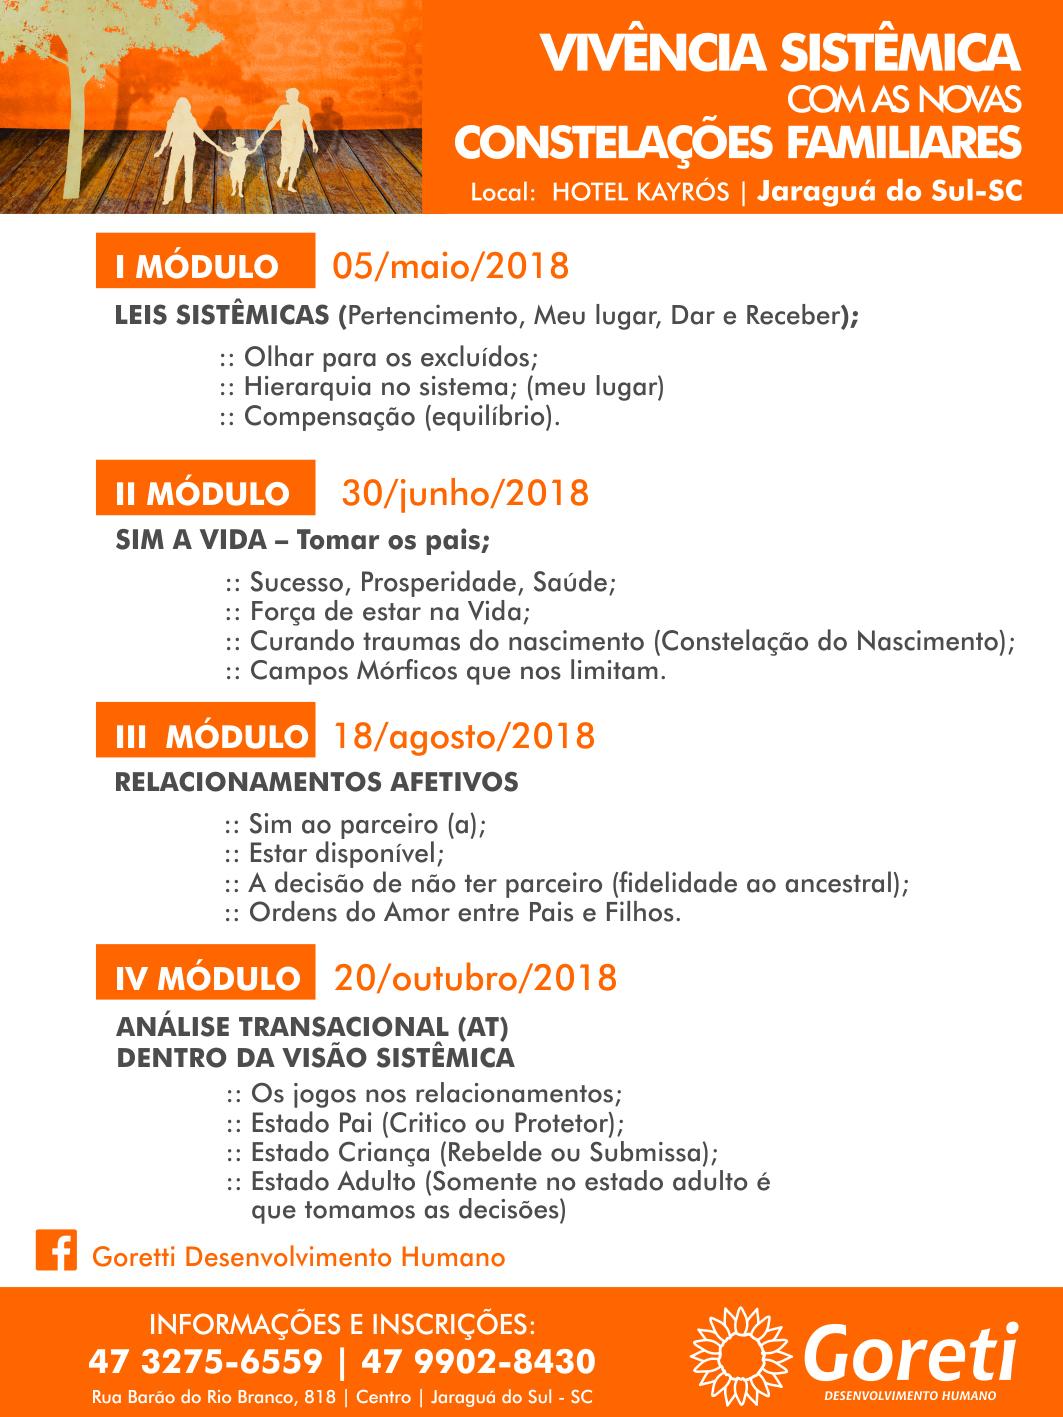 anuncio-revista-nossa-jaragua-do-sul-goretti-2